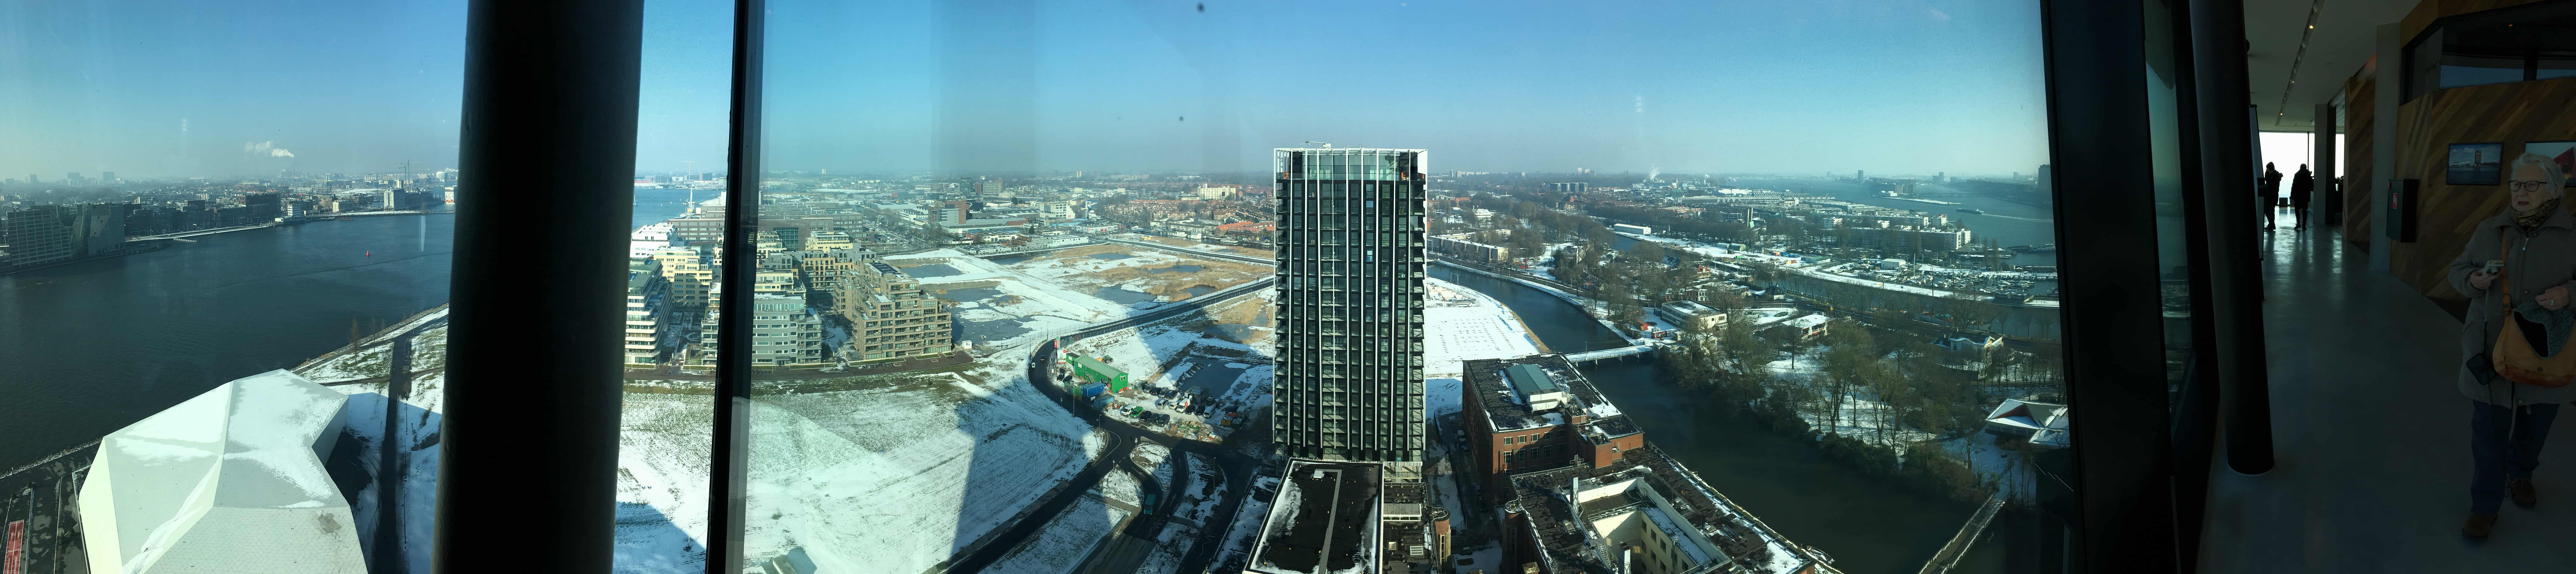 Property Development Header : B mine wonen aan het ij tegenover amsterdam centraal